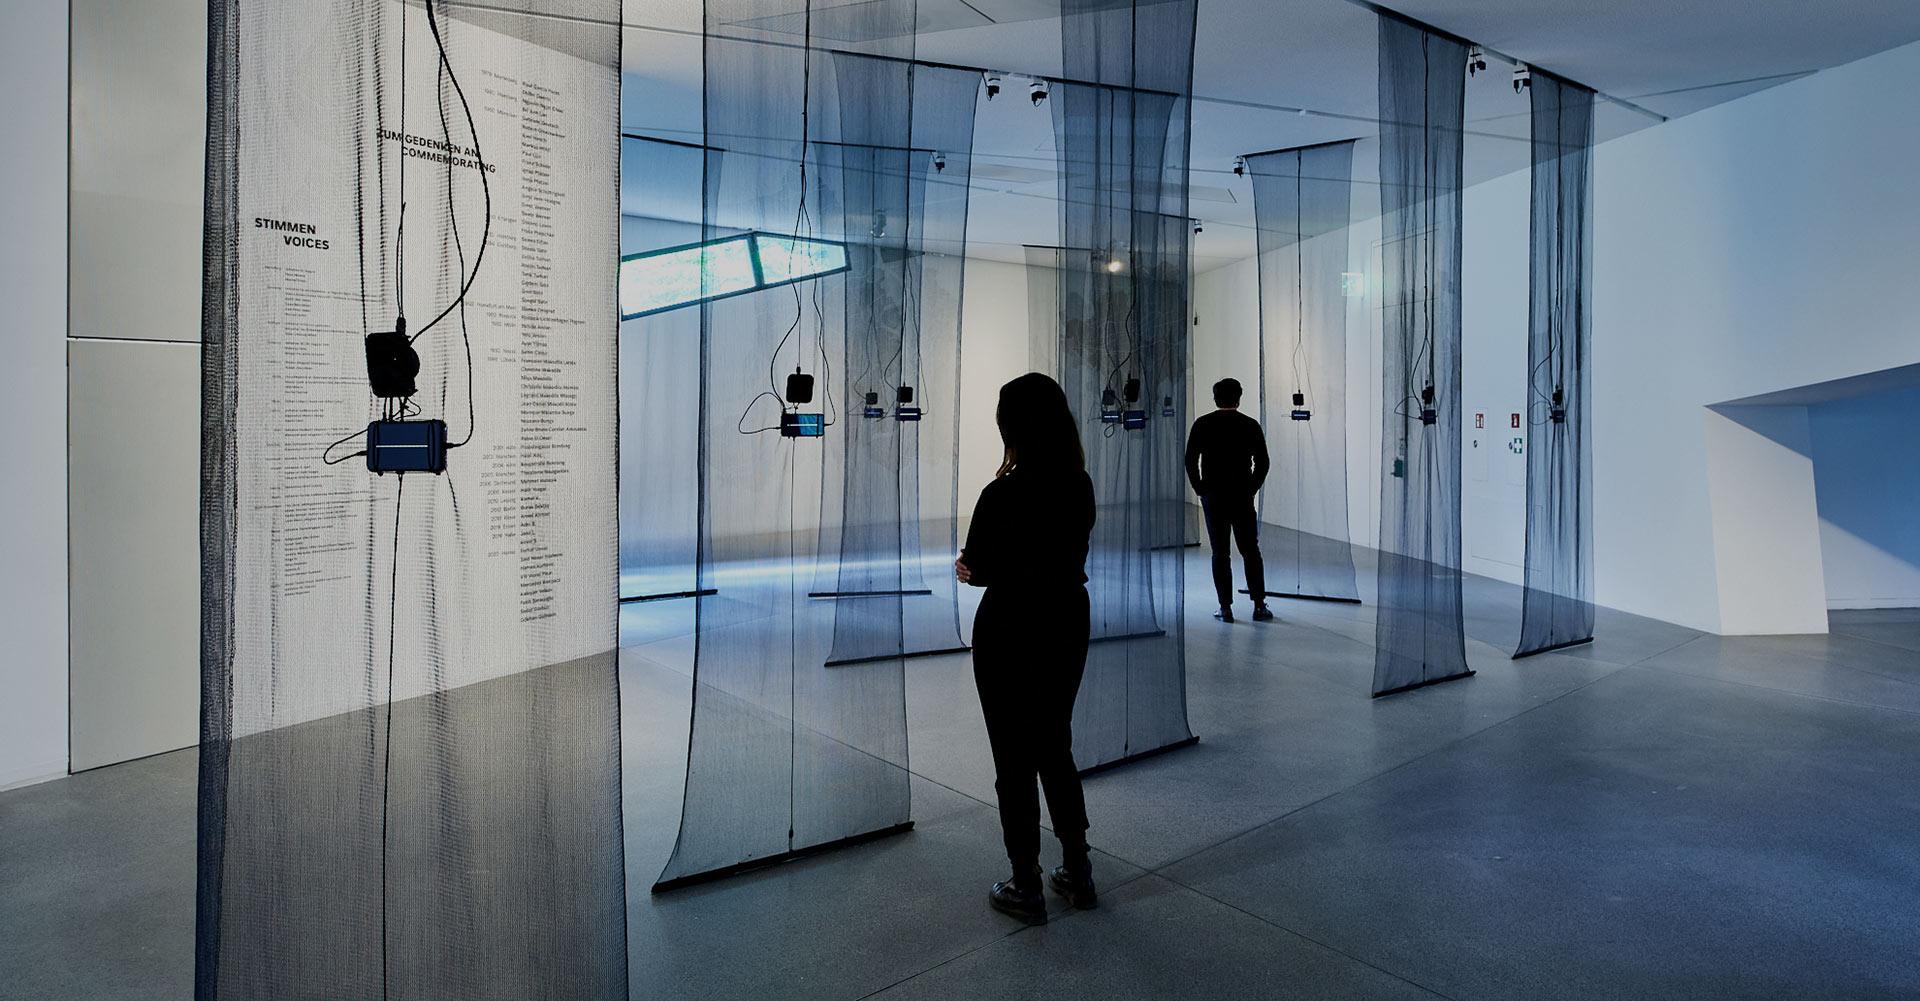 Raumansicht der Ausstellung mit Besucher:innen, von der Decke hängen schwarze durchsichtige Stoffbahnen, an denen je ein Smartphone mit Soundwellen auf dem Display befestigt ist